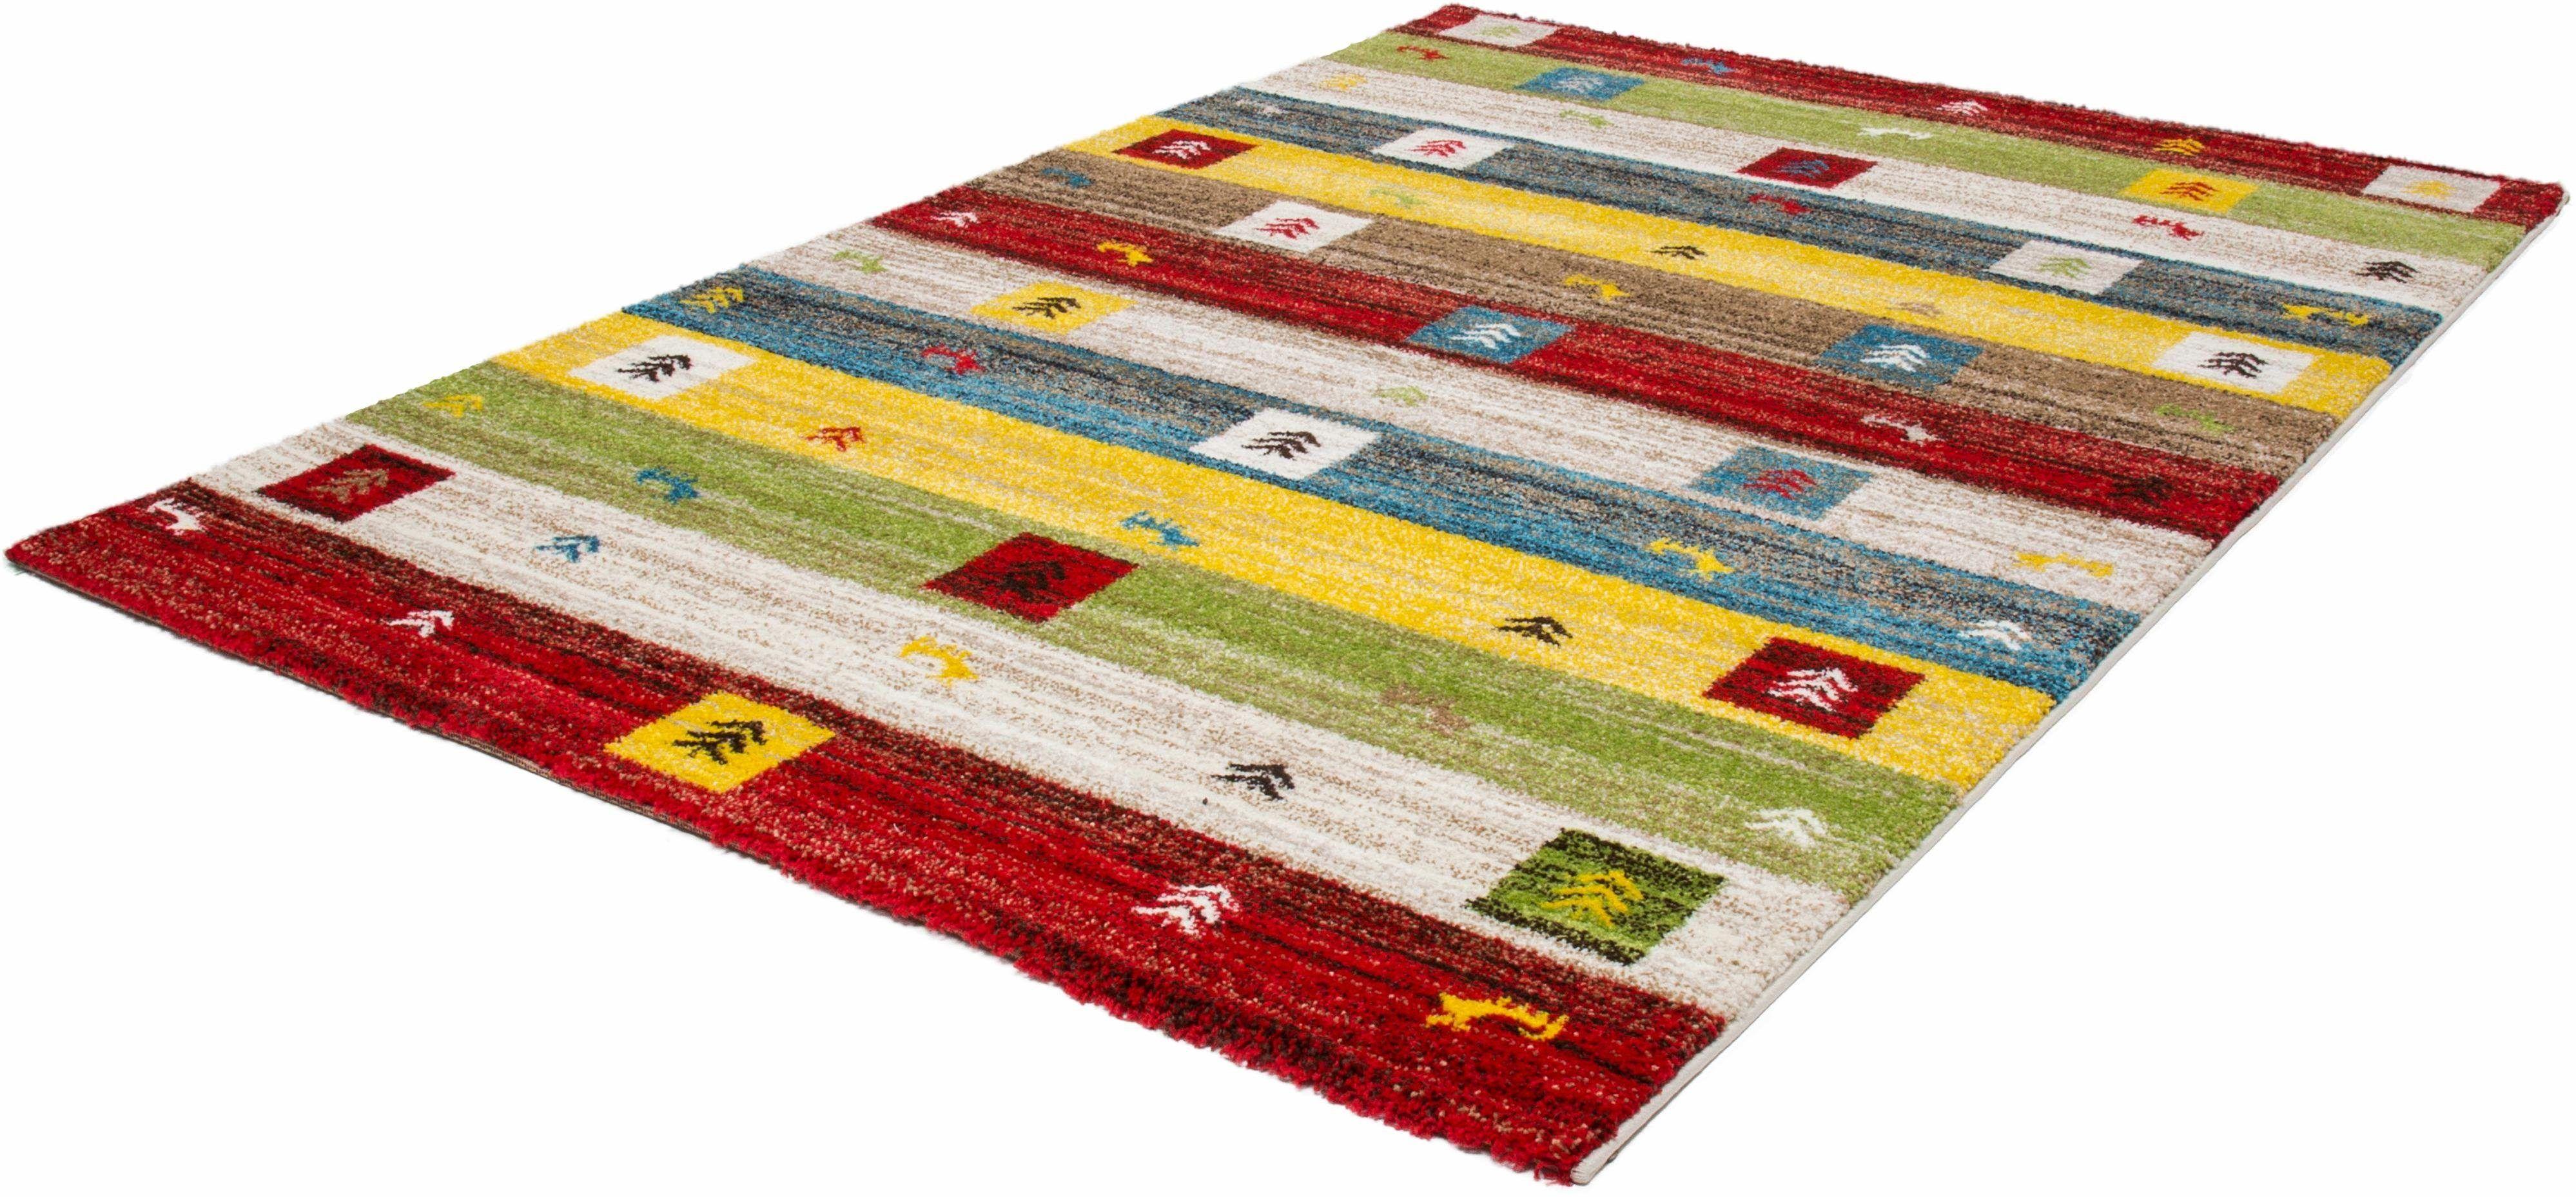 Teppich, Lalee, »Oman 605«, Höhe 23 mm, gewebt Jetzt bestellen unter: https://moebel.ladendirekt.de/heimtextilien/teppiche/sonstige-teppiche/?uid=0939f189-2b5f-54f9-a252-35413371239b&utm_source=pinterest&utm_medium=pin&utm_campaign=boards #möbel #heimtextilien #sonstigeteppiche #orientteppiche #teppiche